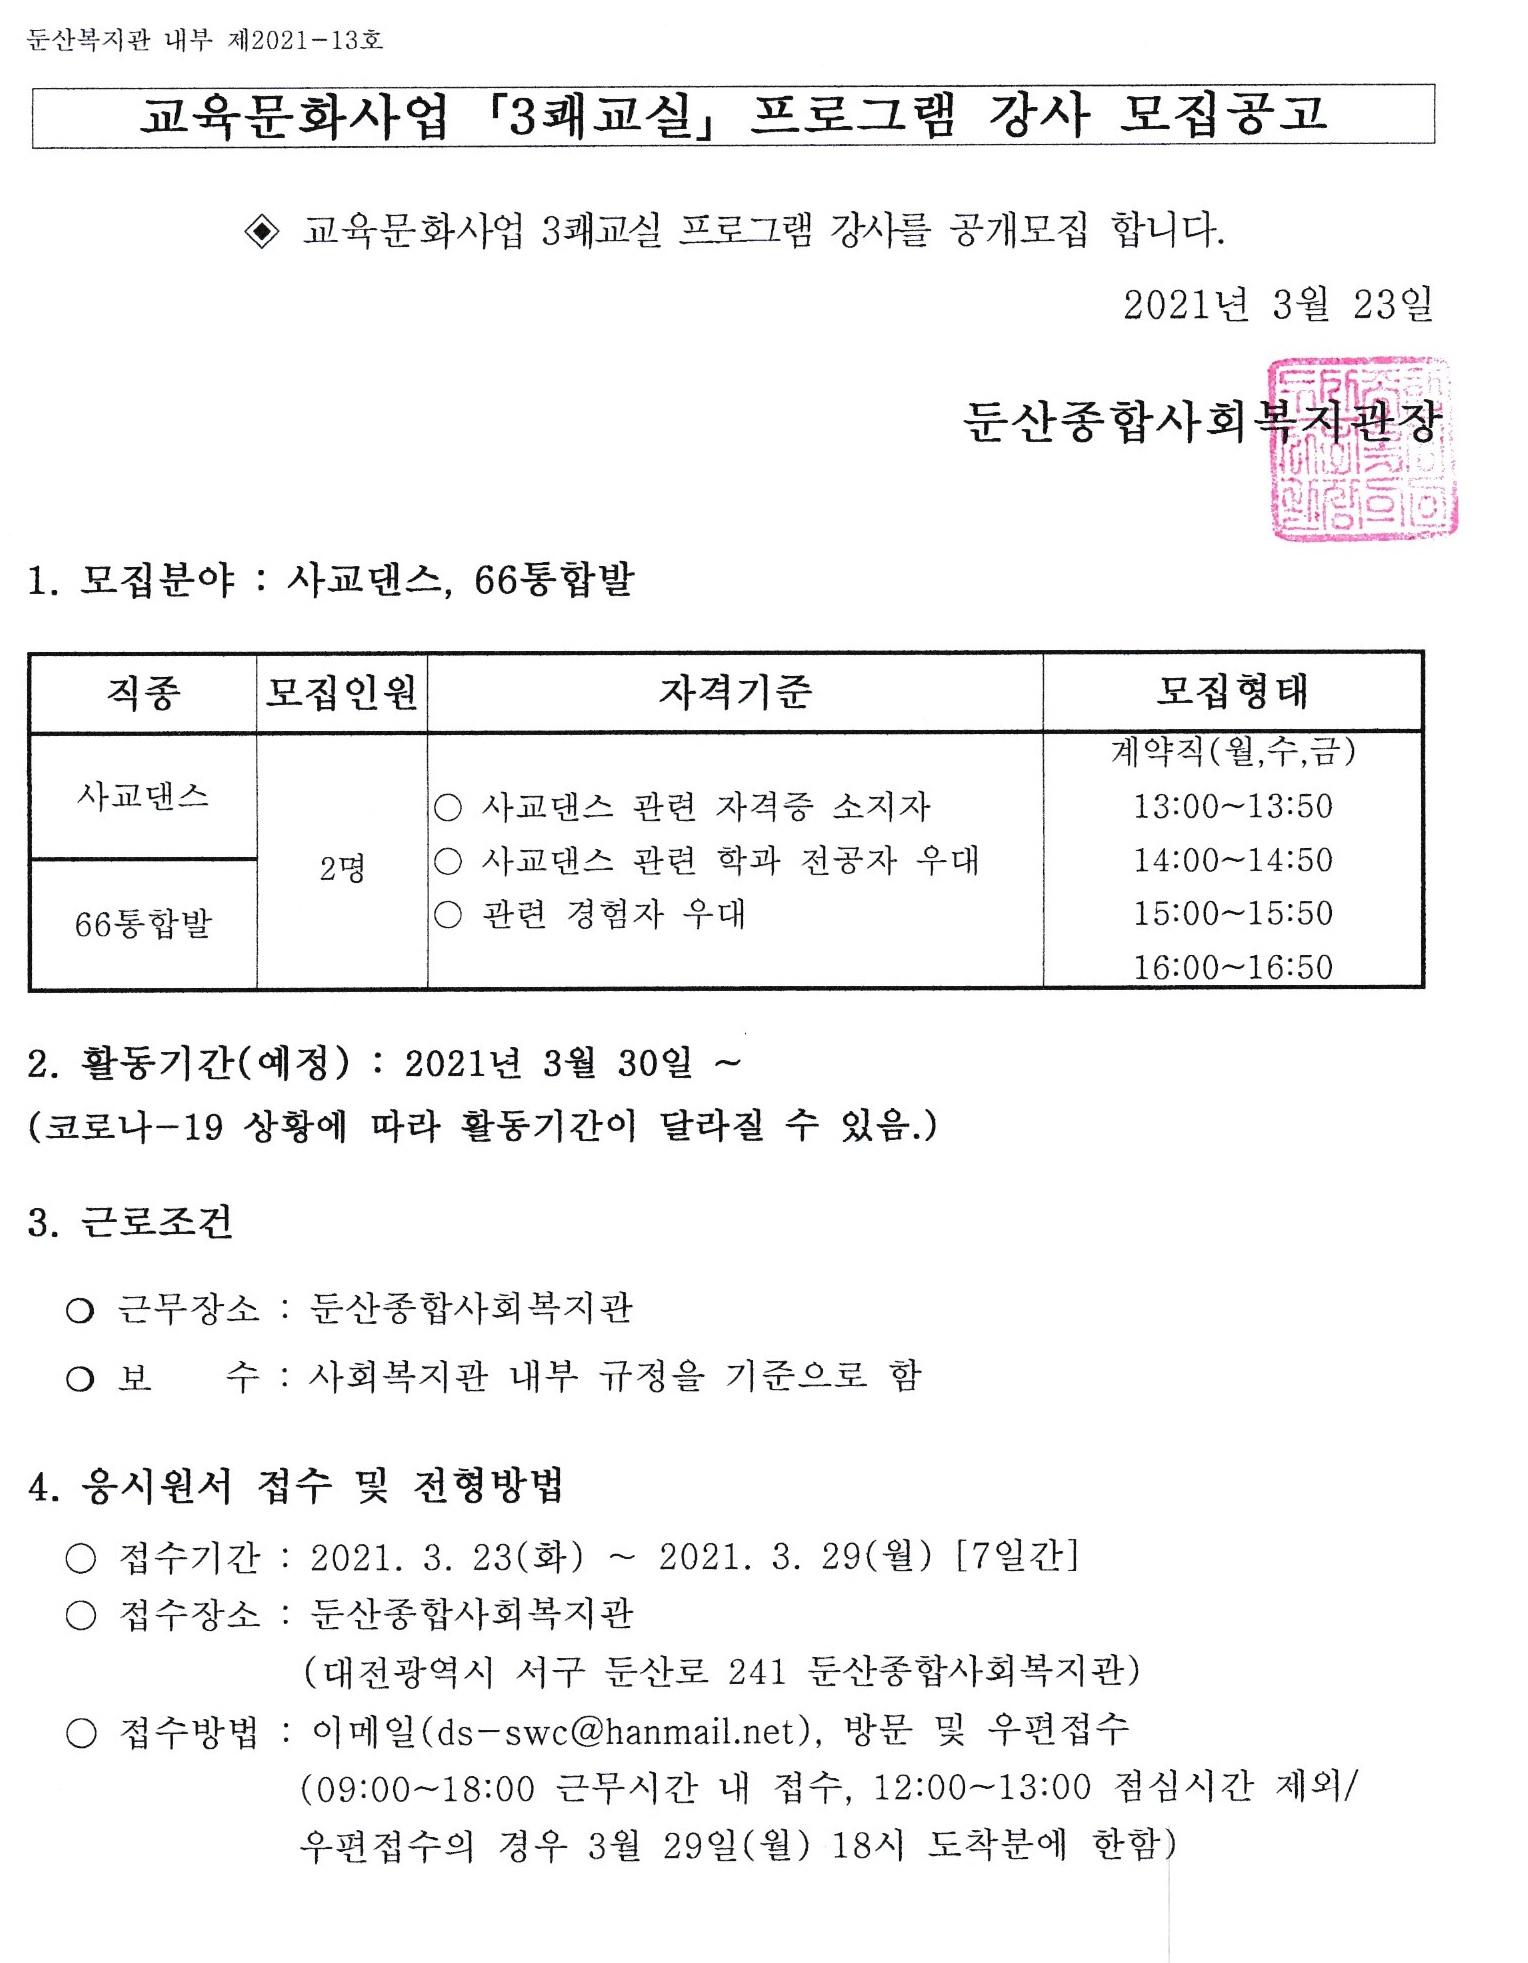 2021년 교육문화사업 3쾌교실 강사 모집 공고.pdf_page_1.jpg